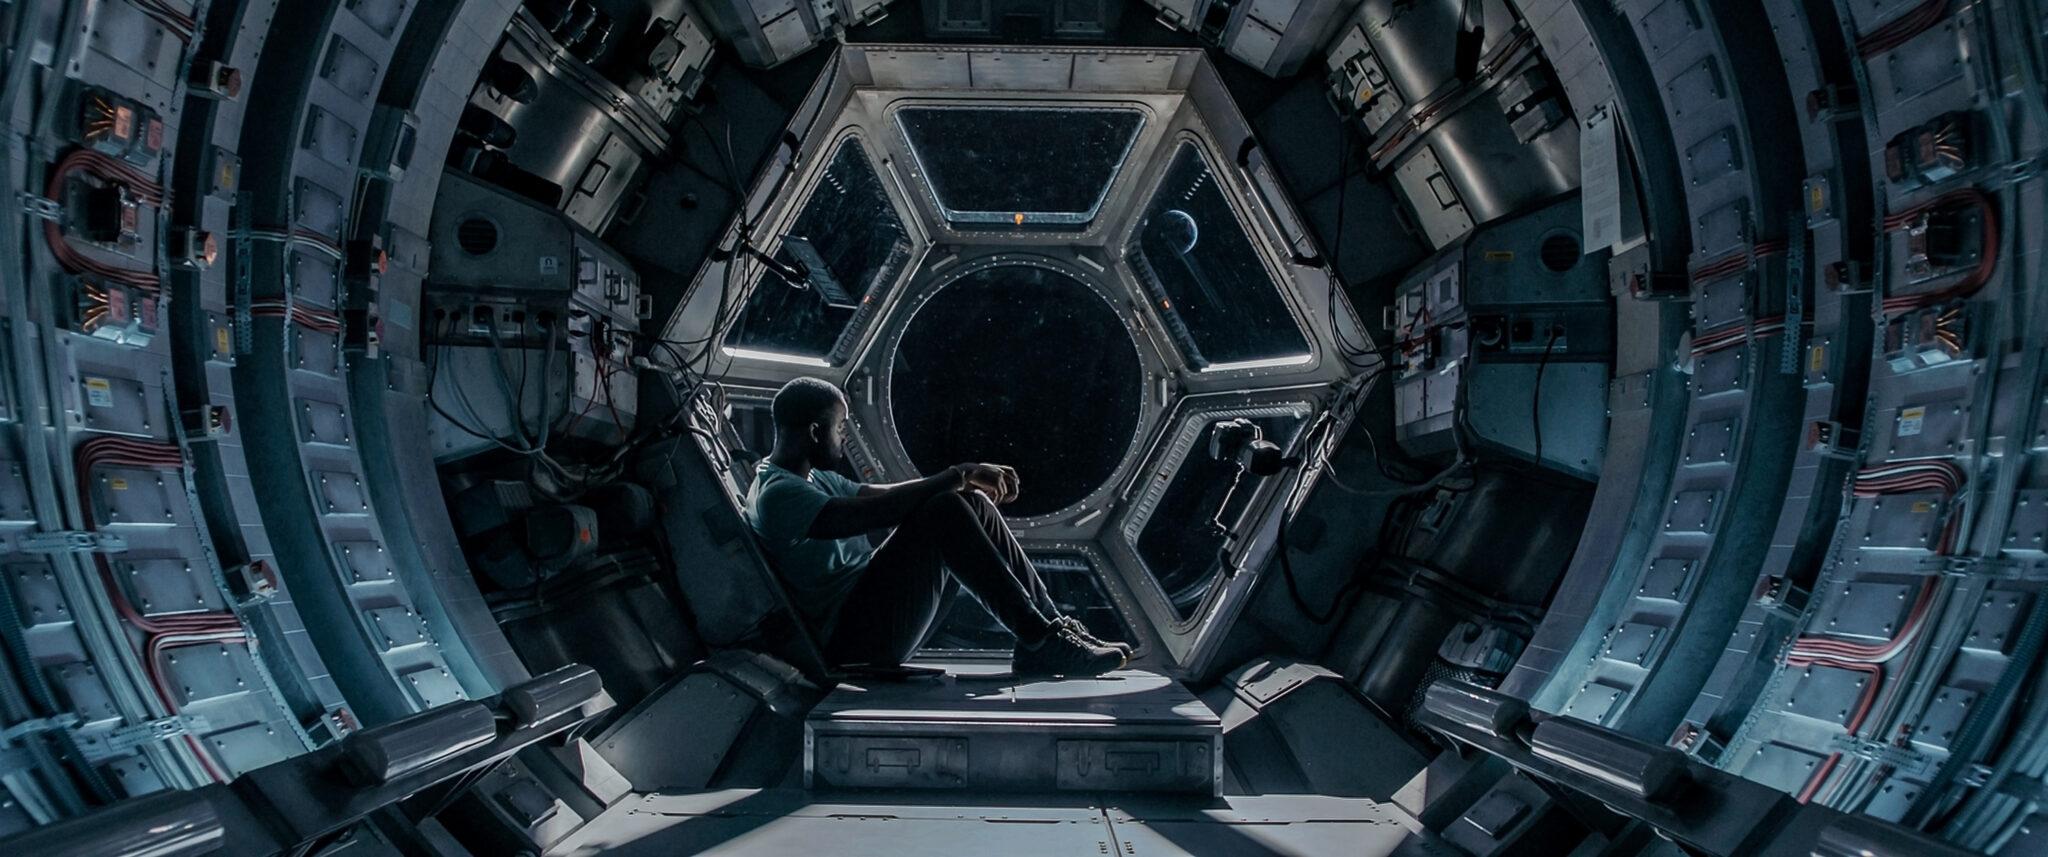 Michael (Shamier Anderson) sitzt im Raumschiff vor einem sechseckigen Fenster und blickt in die Weiten des Alls. Der Raum ist rund und voll mit technischen Geräten.